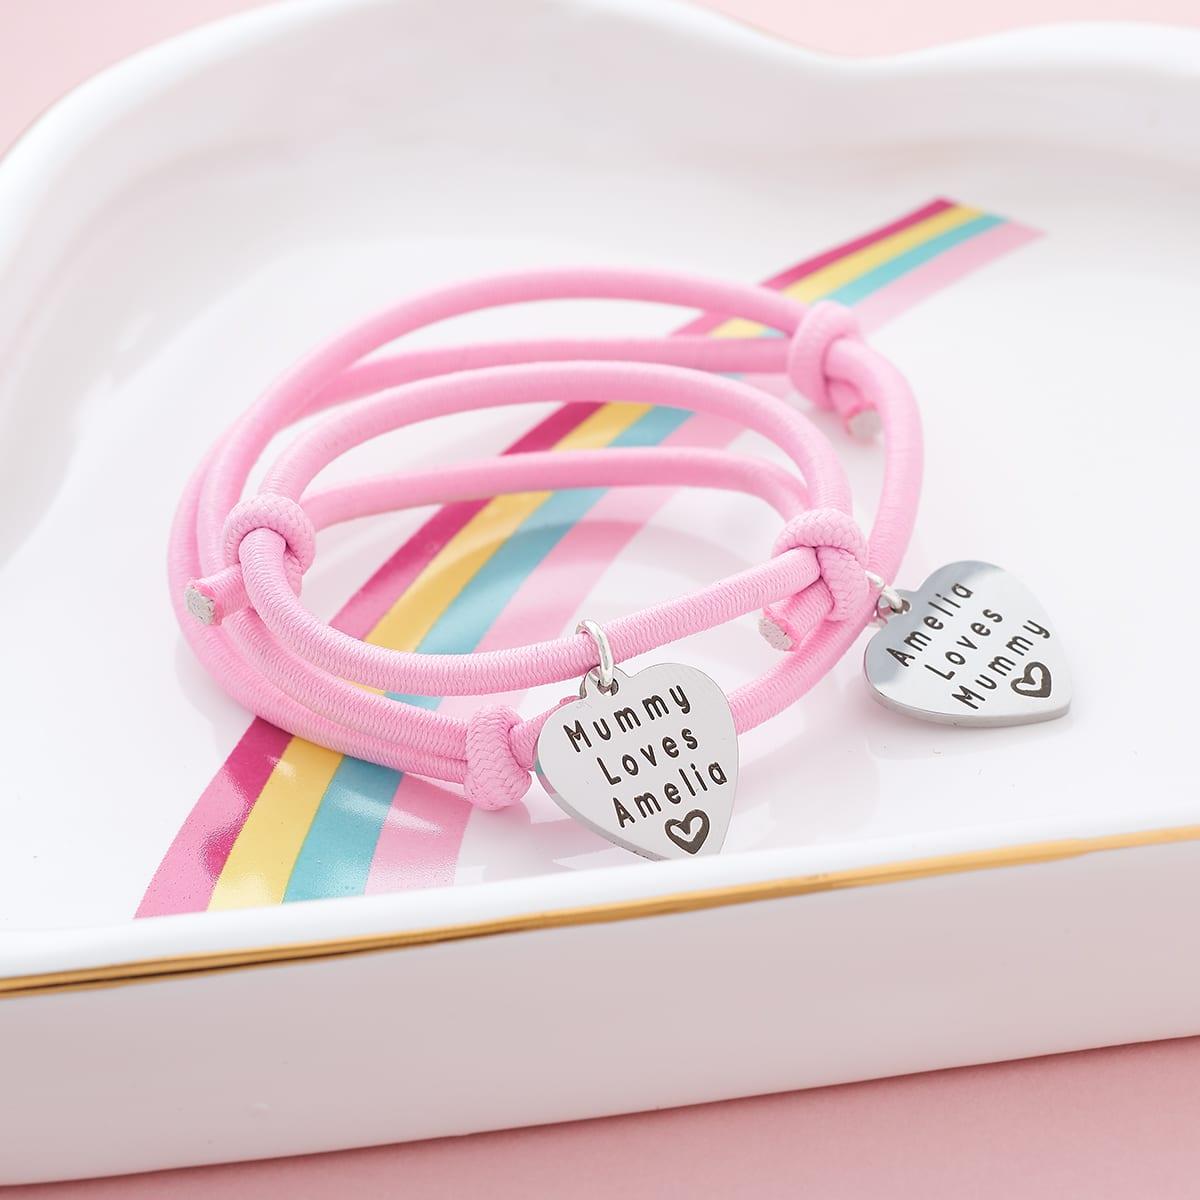 My Mummy & Me Bracelets